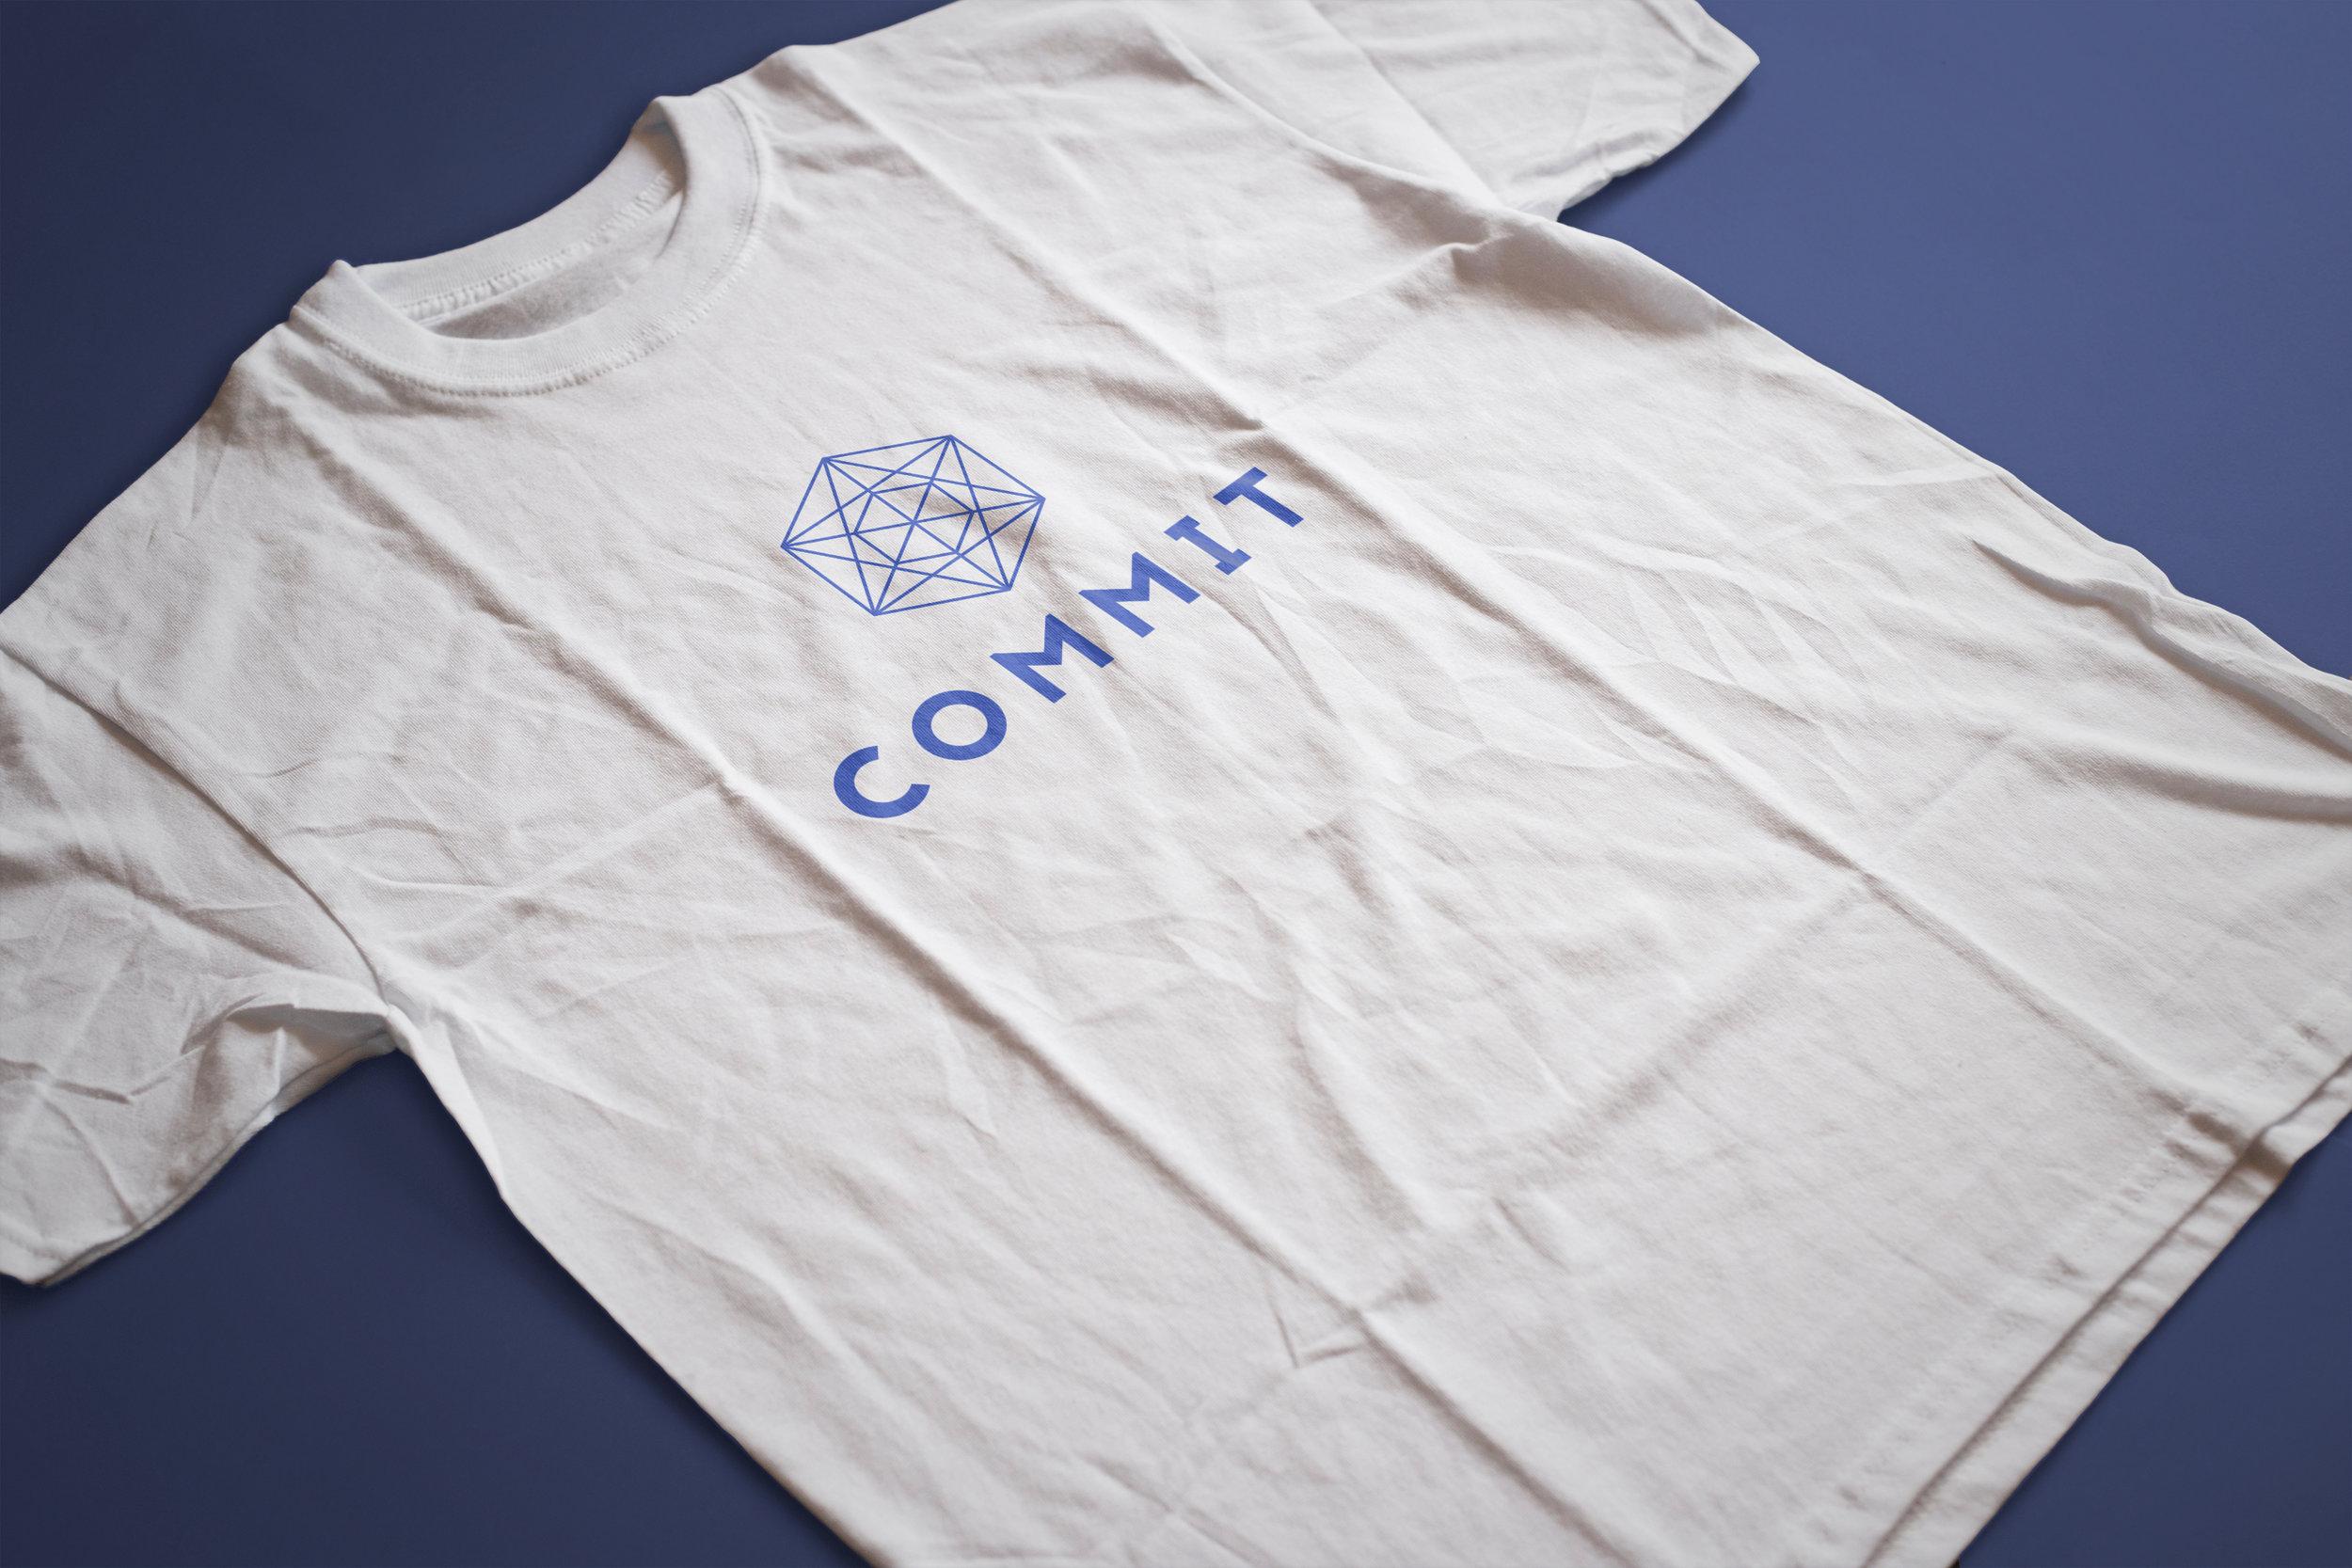 CommitSkate_Shirt_StudioBloq.jpg